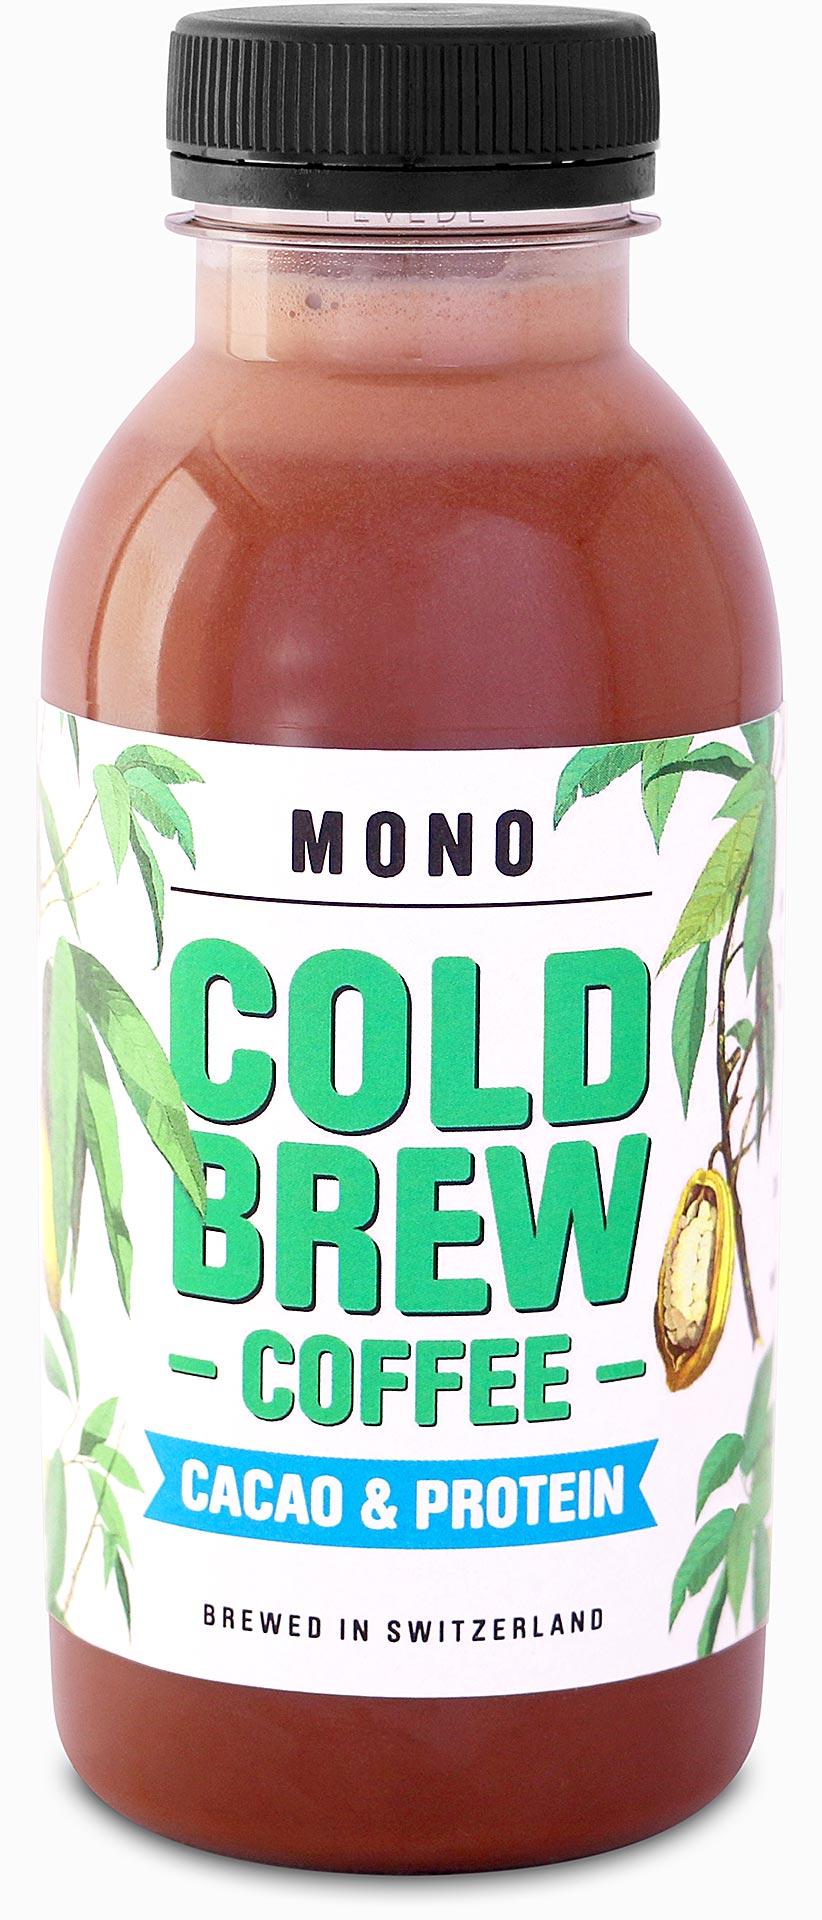 mono-cold-brew-cacao-protein.jpg